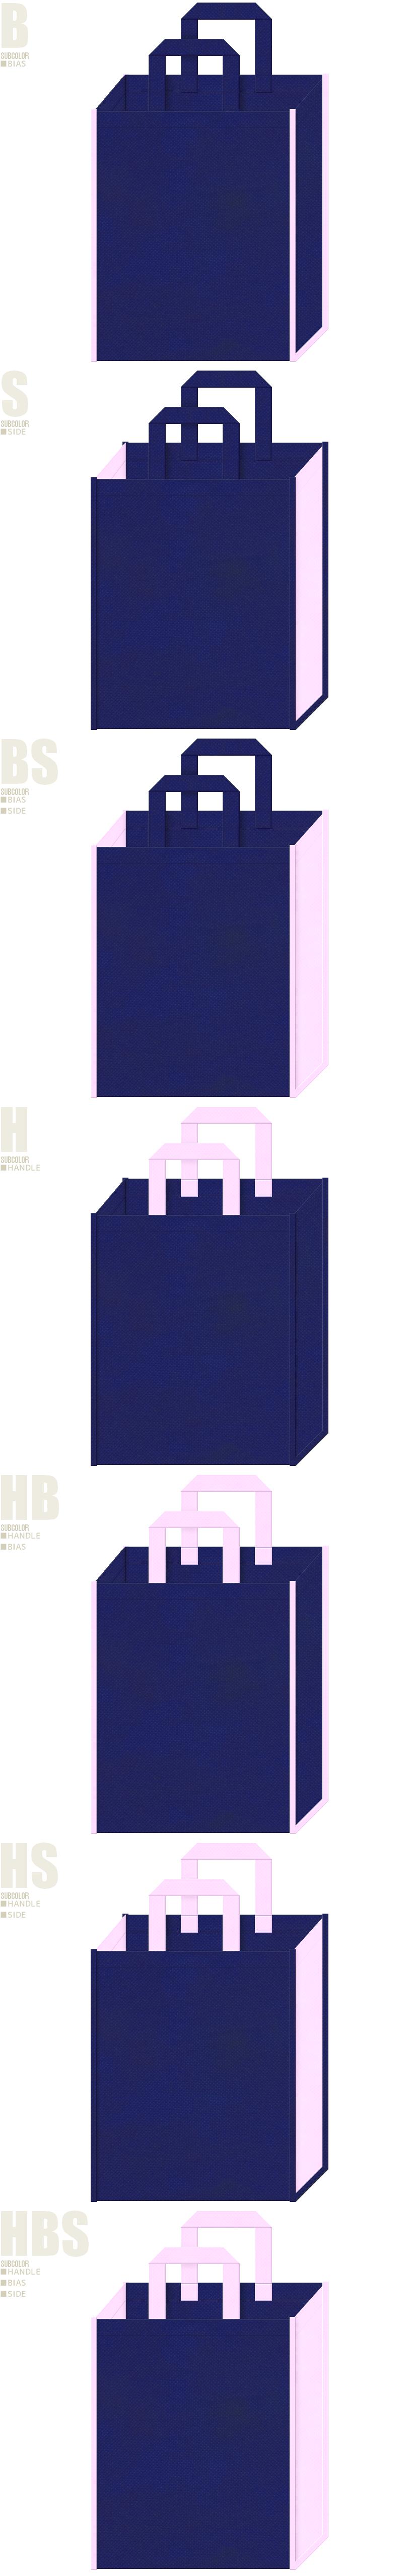 紺紫色と明るめのピンク色-7パターンの不織布トートバッグ配色デザイン例-浴衣風の不織布バッグにお奨めです。